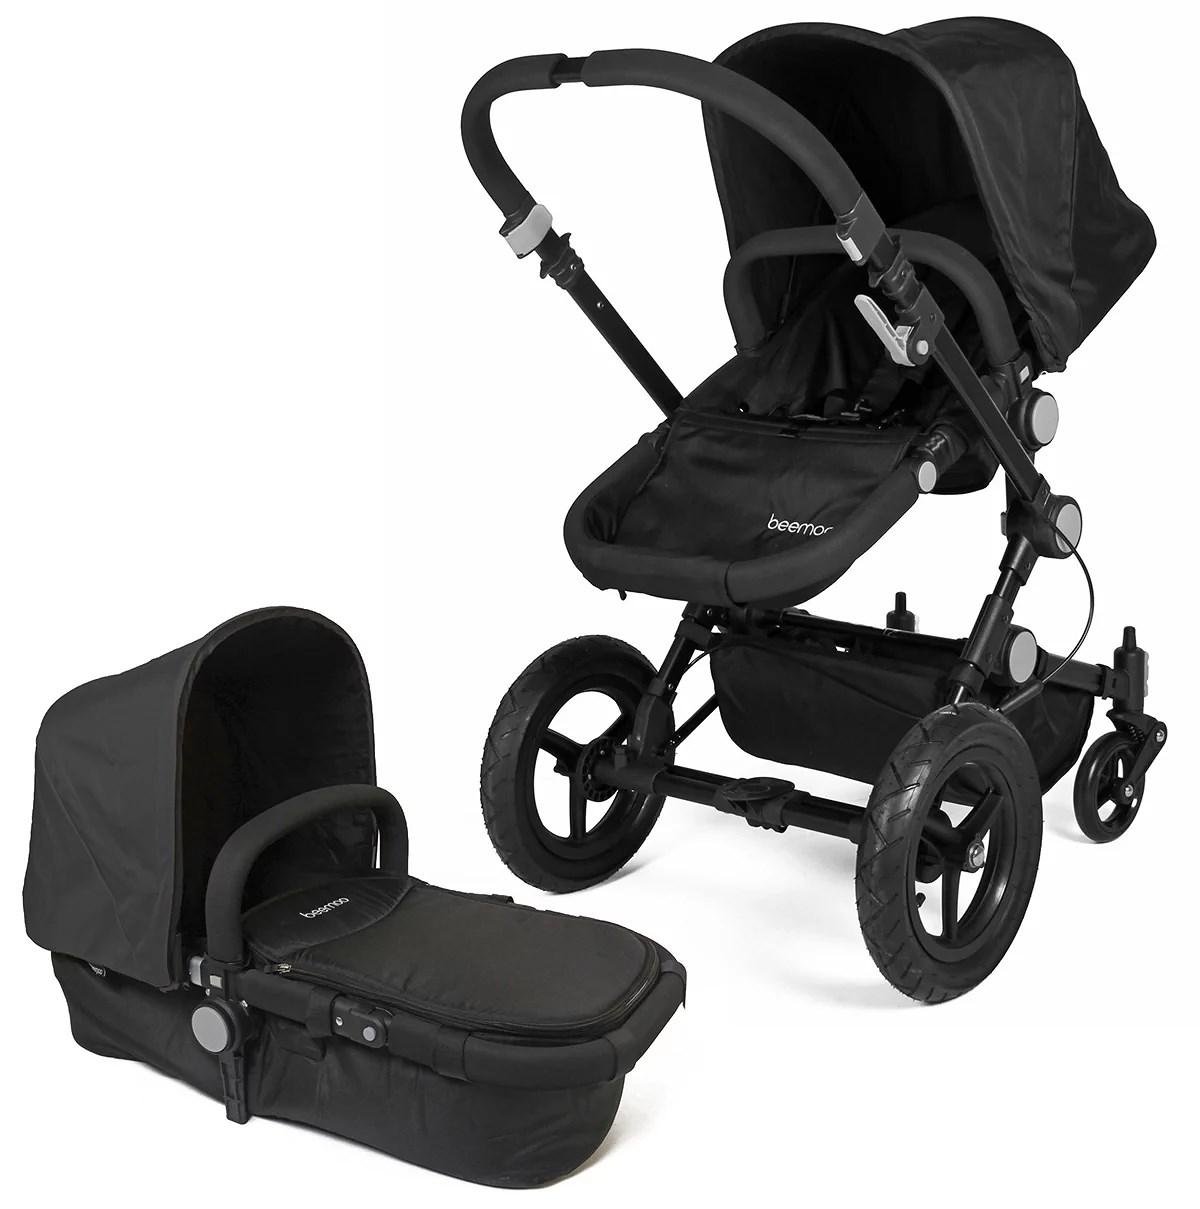 Köpt ny barnvagn